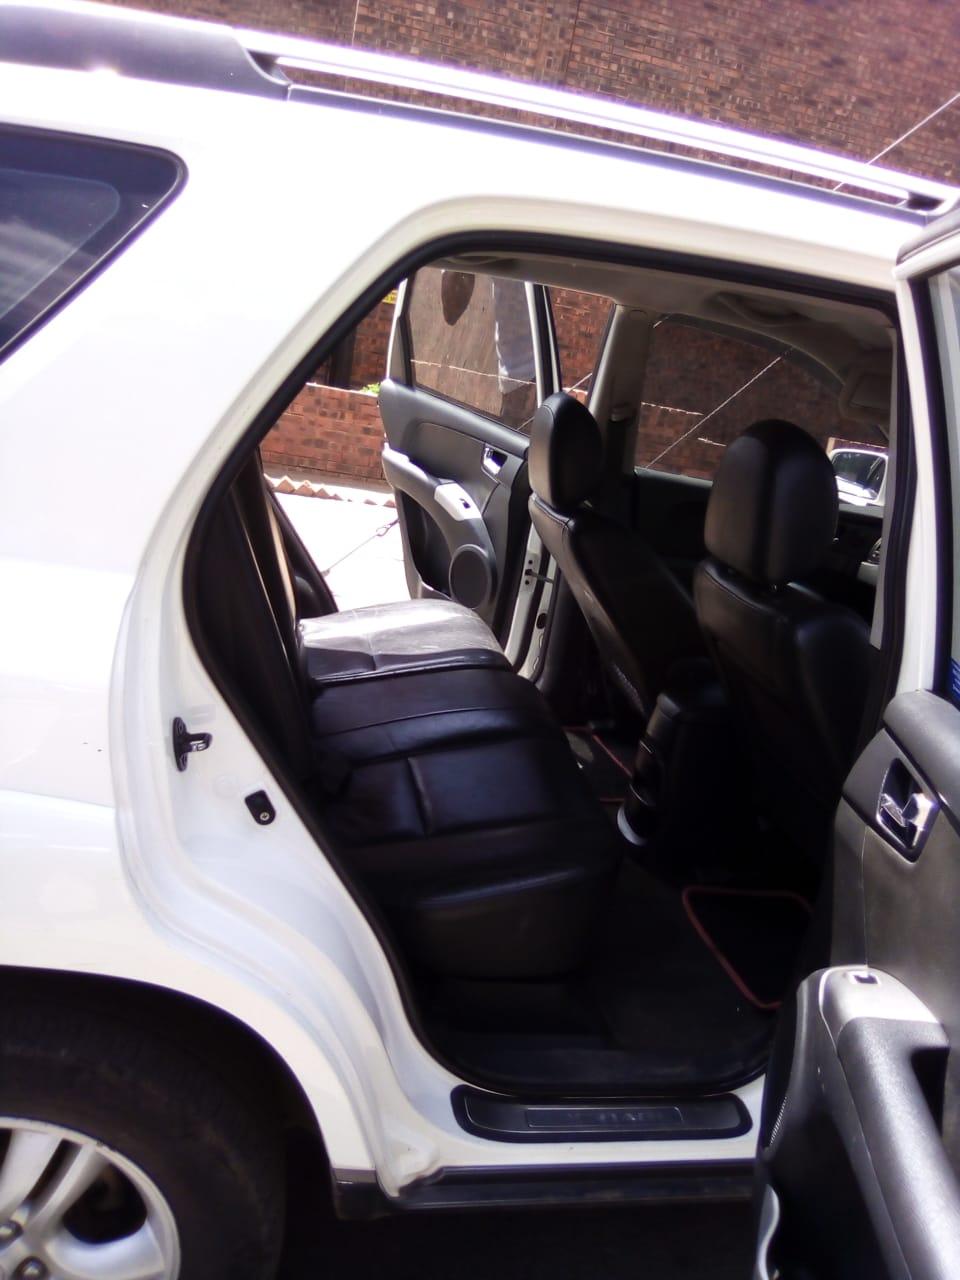 2008 Kia Sportage 2.0 4x4